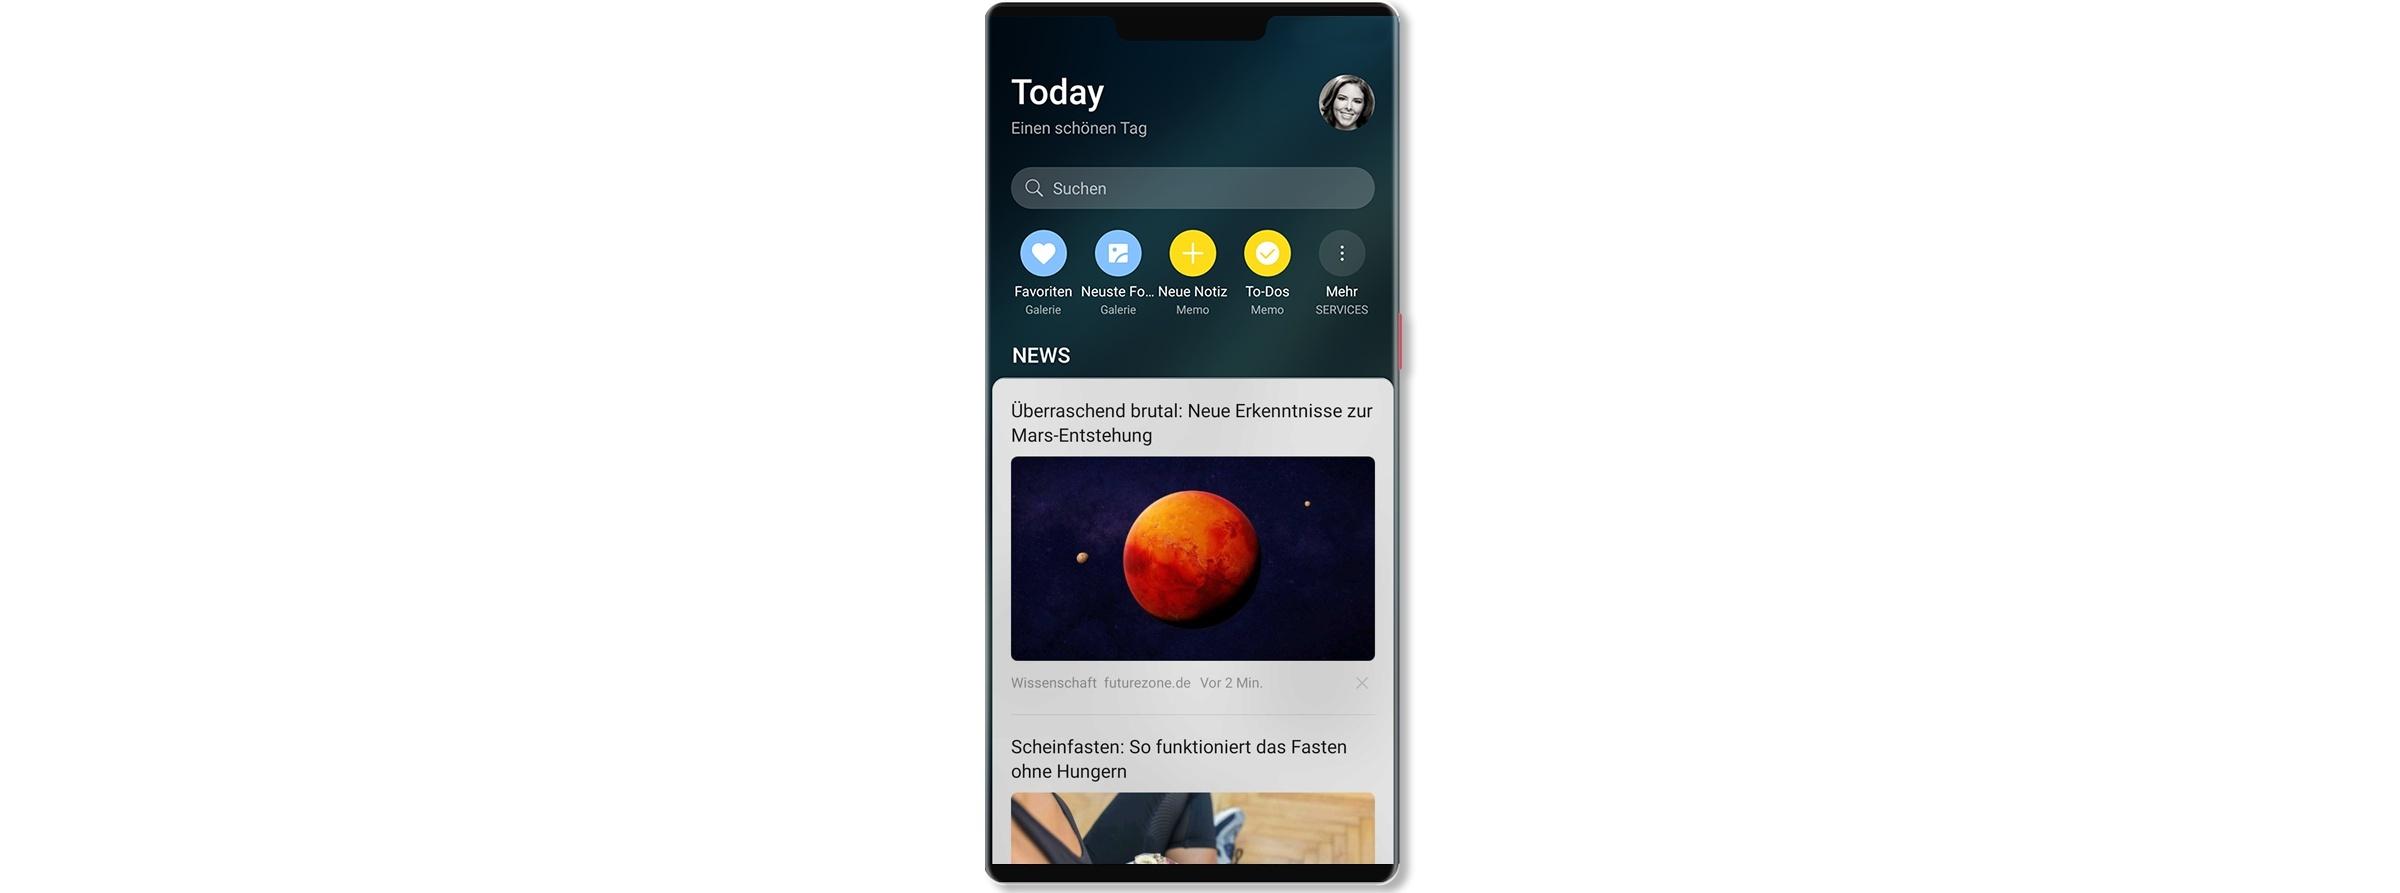 SQUID App offizieller News Lieferant von Huawei Smartphones